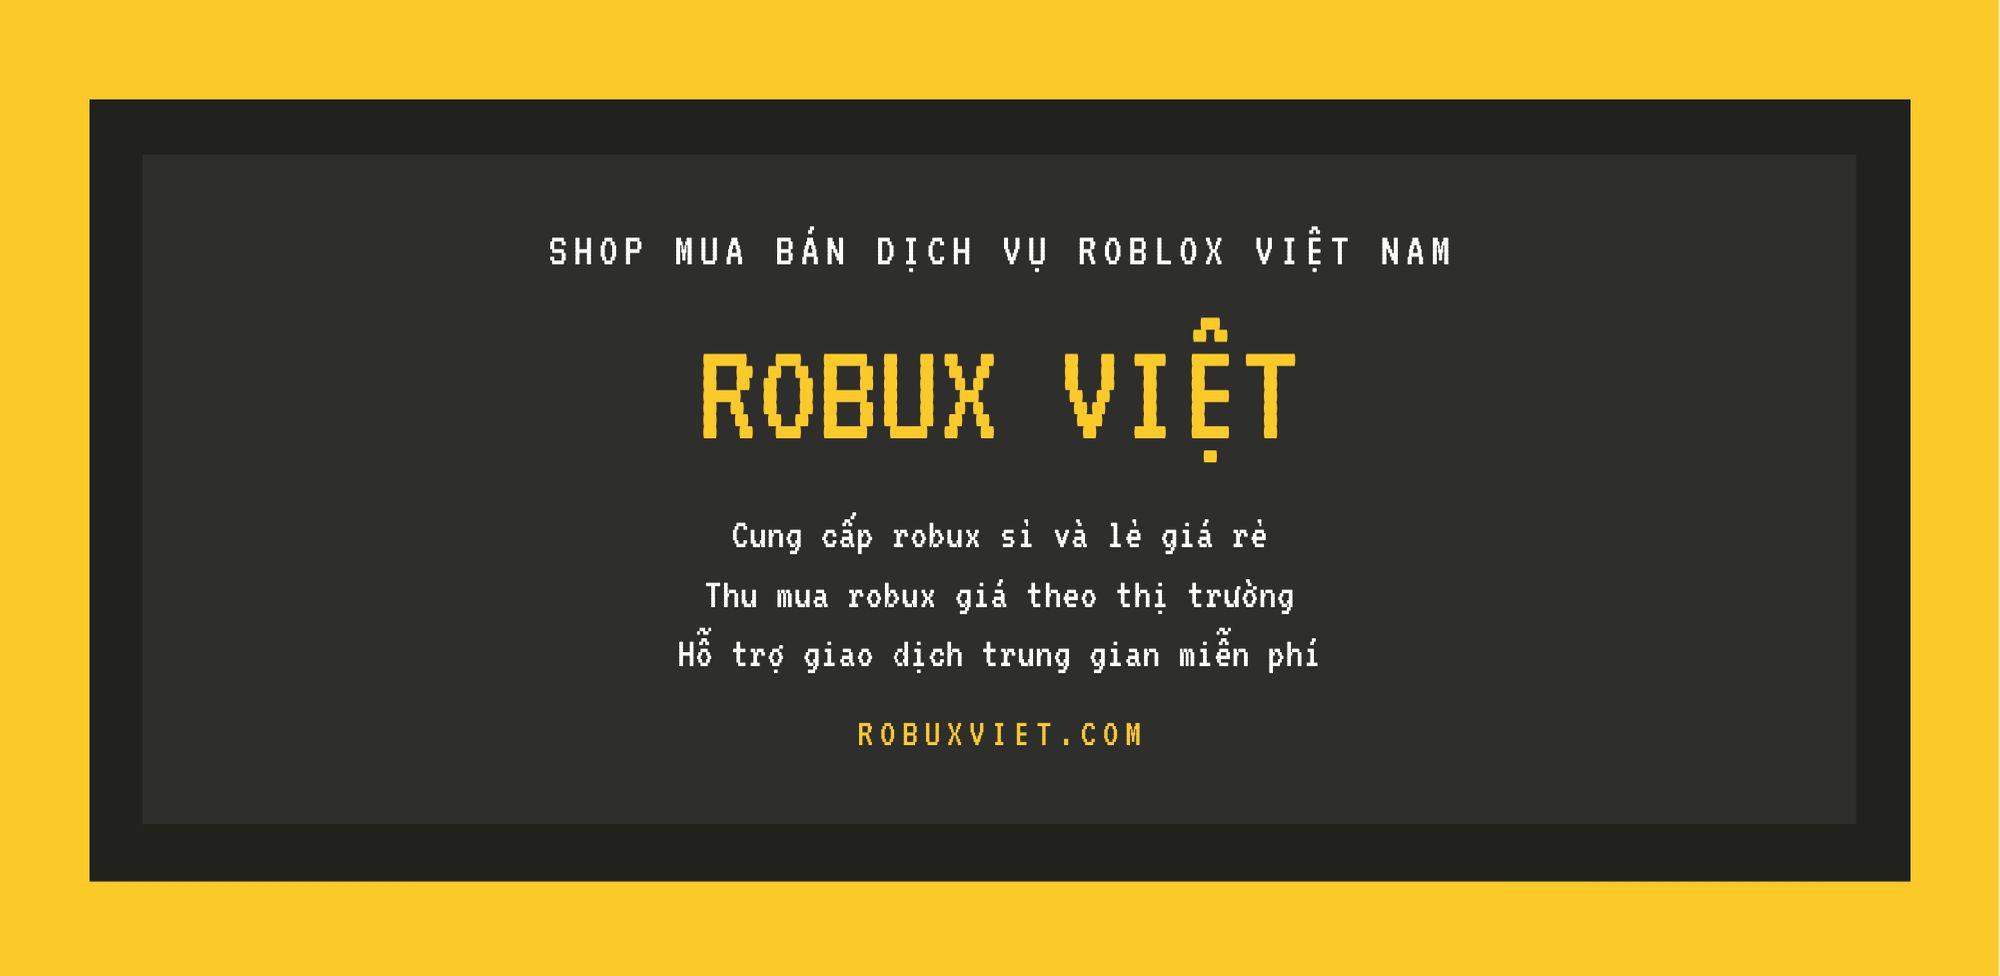 Ban Robux Gia Rẻ 2018 Mua Ban Robux Dịch Vụ Roblox Shop Robux Việt